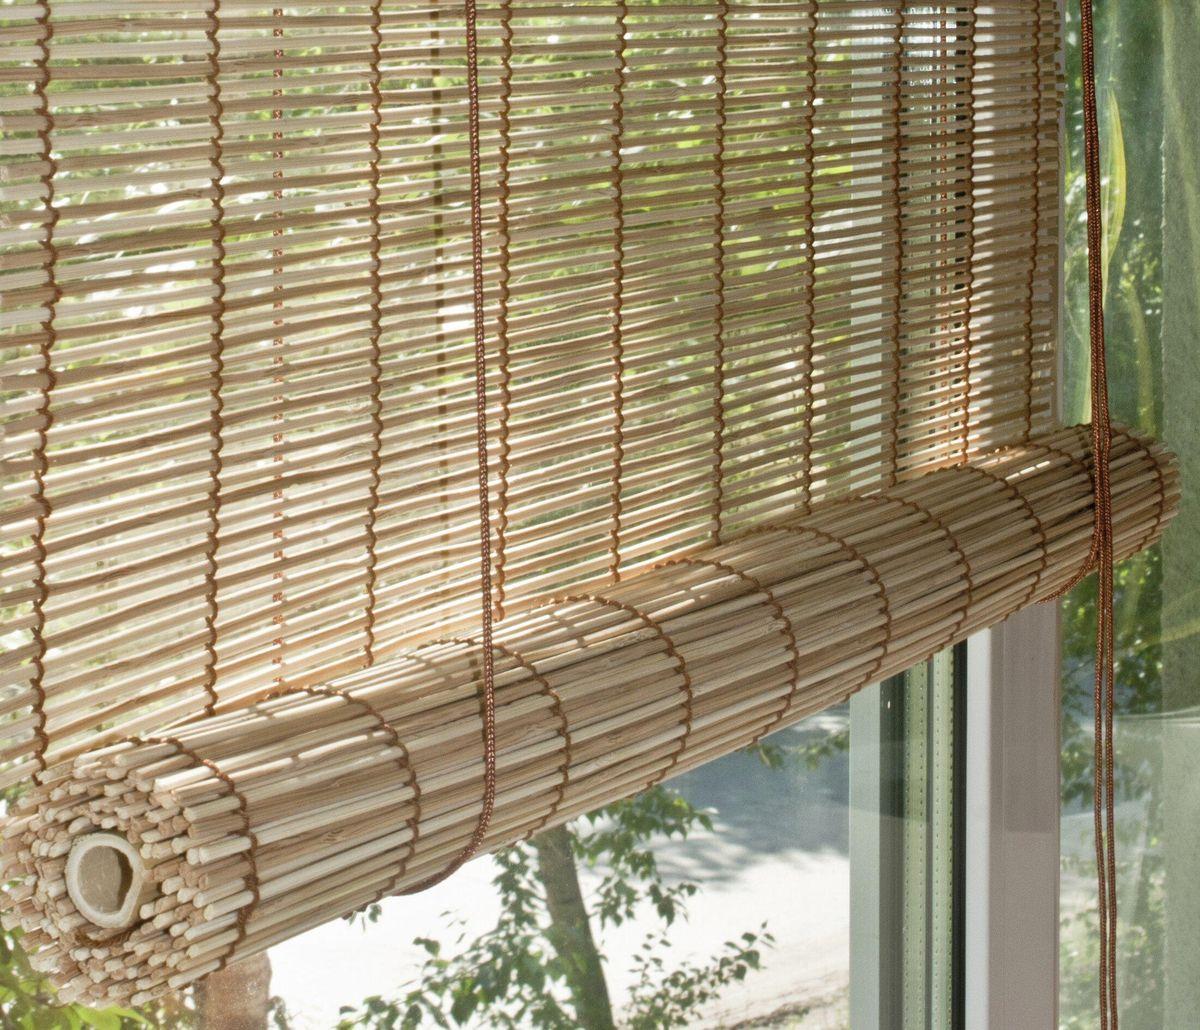 Штора рулонная Эскар Бамбук, цвет: натуральный микс, ширина 90 см, высота 160 см38934083160При оформлении интерьера современных помещений многие отдают предпочтение природным материалам. Бамбуковые рулонные шторы - одно из натуральных изделий, способное сделать атмосферу помещения более уютной и в то же время необычной. Свойства бамбука уникальны: он экологически чист, так как быстро вырастает, благодаря чему не успевает накопить вредные вещества из окружающей среды. Кроме того, растение обладает противомикробным и антибактериальным действием. Занавеси из бамбука безопасно использовать в помещениях, где находятся новорожденные дети и люди, склонные к аллергии. Они незаменимы для тех, кто заботится о своем здоровье и уделяет внимание высокому уровню жизни.Бамбуковые рулонные шторы представляют собой полотно, состоящее из тонких бамбуковых стеблей и сворачиваемое в рулон.Римские бамбуковые шторы, как и тканевые римские шторы, при поднятии образуют крупные складки, которые прекрасно декорируют окно.Особенность устройства полотна позволяет свободно пропускать дневной свет, что обеспечивает мягкое освещение комнаты. Это натуральный влагостойкий материал, который легко вписывается в любой интерьер, хорошо сочетается с различной мебелью и элементами отделки. Использование бамбукового полотна придает помещению необычный вид и визуально расширяет пространство.Помимо внешней красоты, это еще и очень удобные конструкции, экономящие пространство. Изготавливаются они из специальных материалов, устойчивых к внешним воздействиям. Сама штора очень эргономичная, и позволяет изменять визуально пространство в зависимости от потребностей владельца.